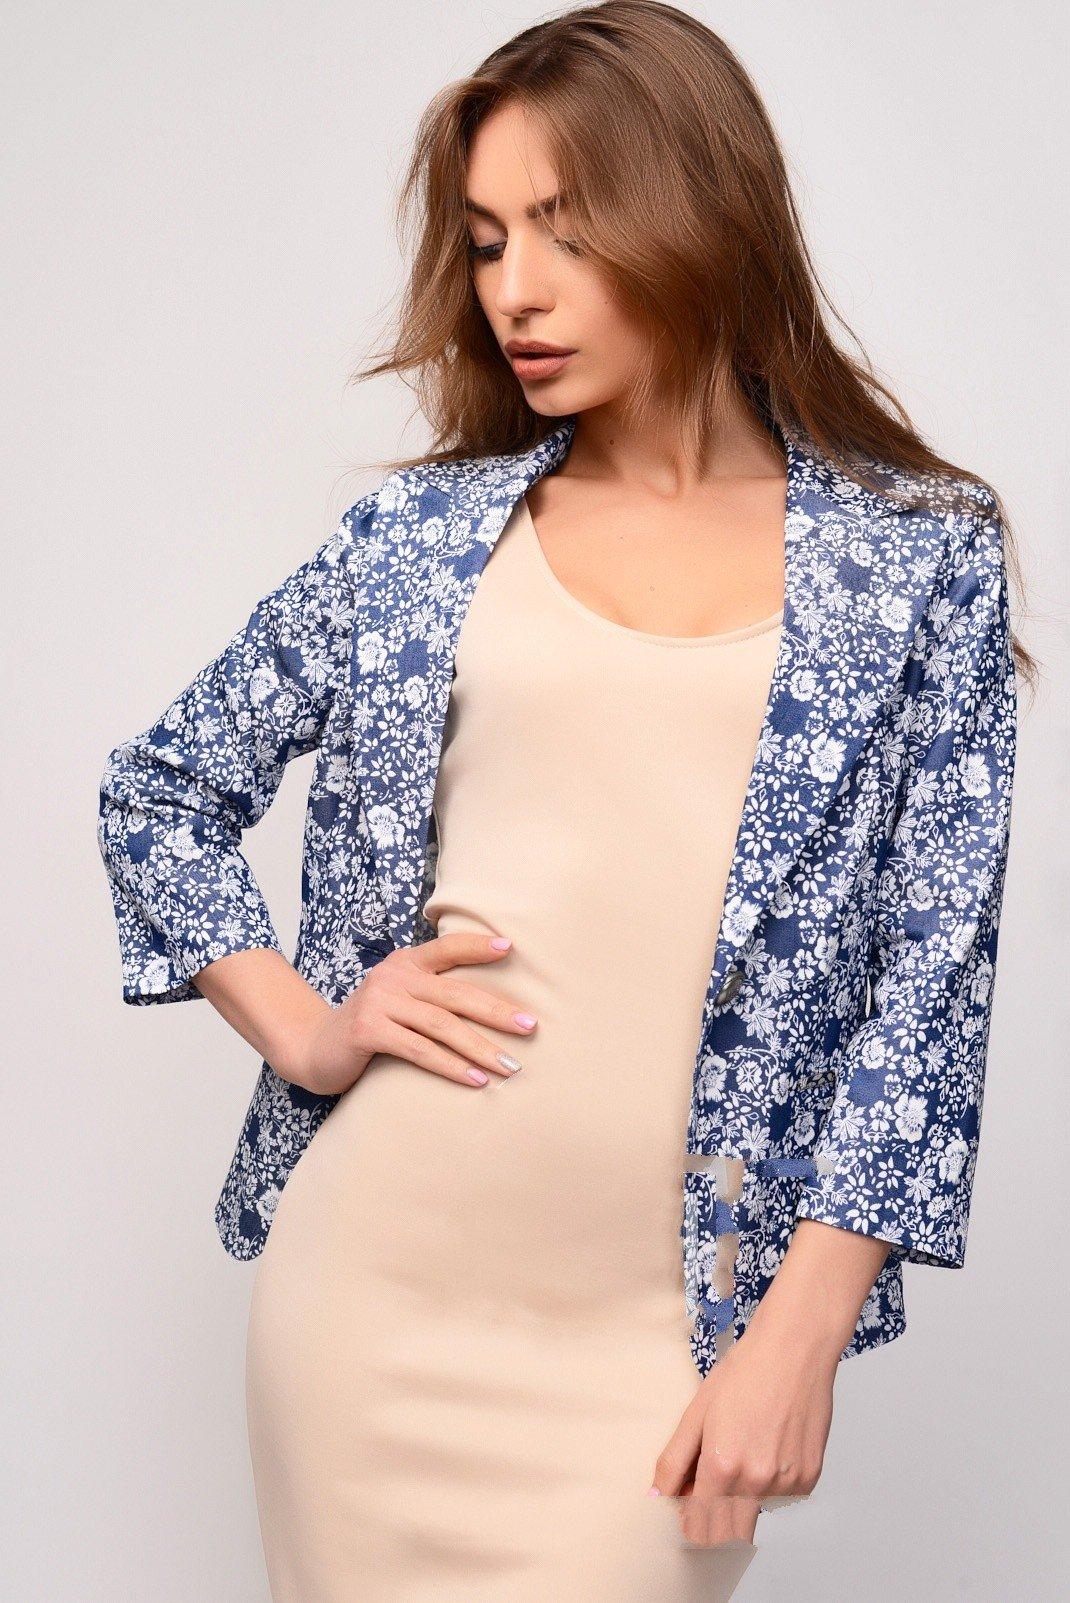 пиджак женский модный в 2018 году цветочный принт фото новинки модные тенденции